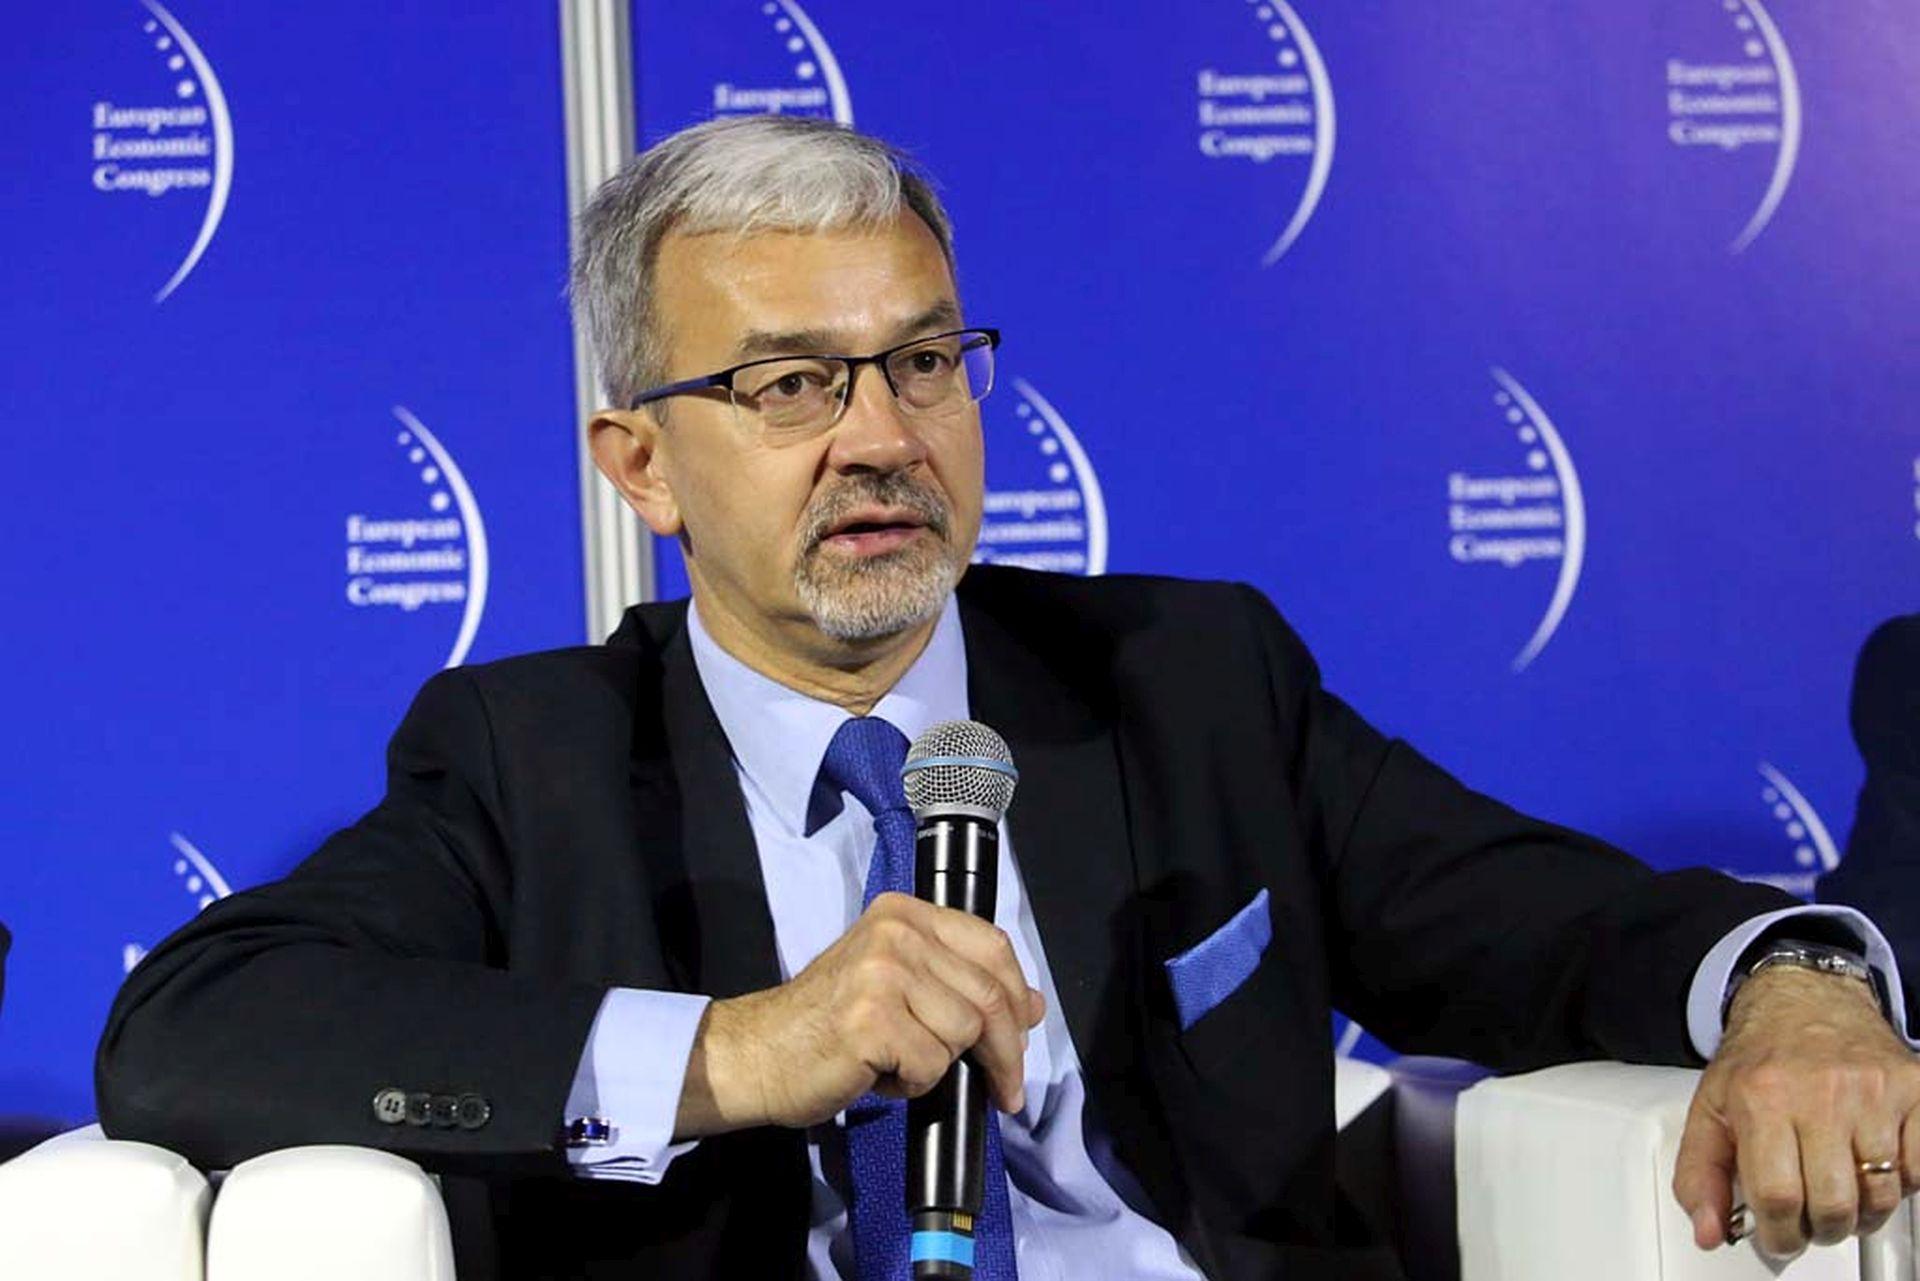 Jerzy Kwieciński, Sekretarz Stanu w Ministerstwie Rozwoju.Fot. PTWP / EM